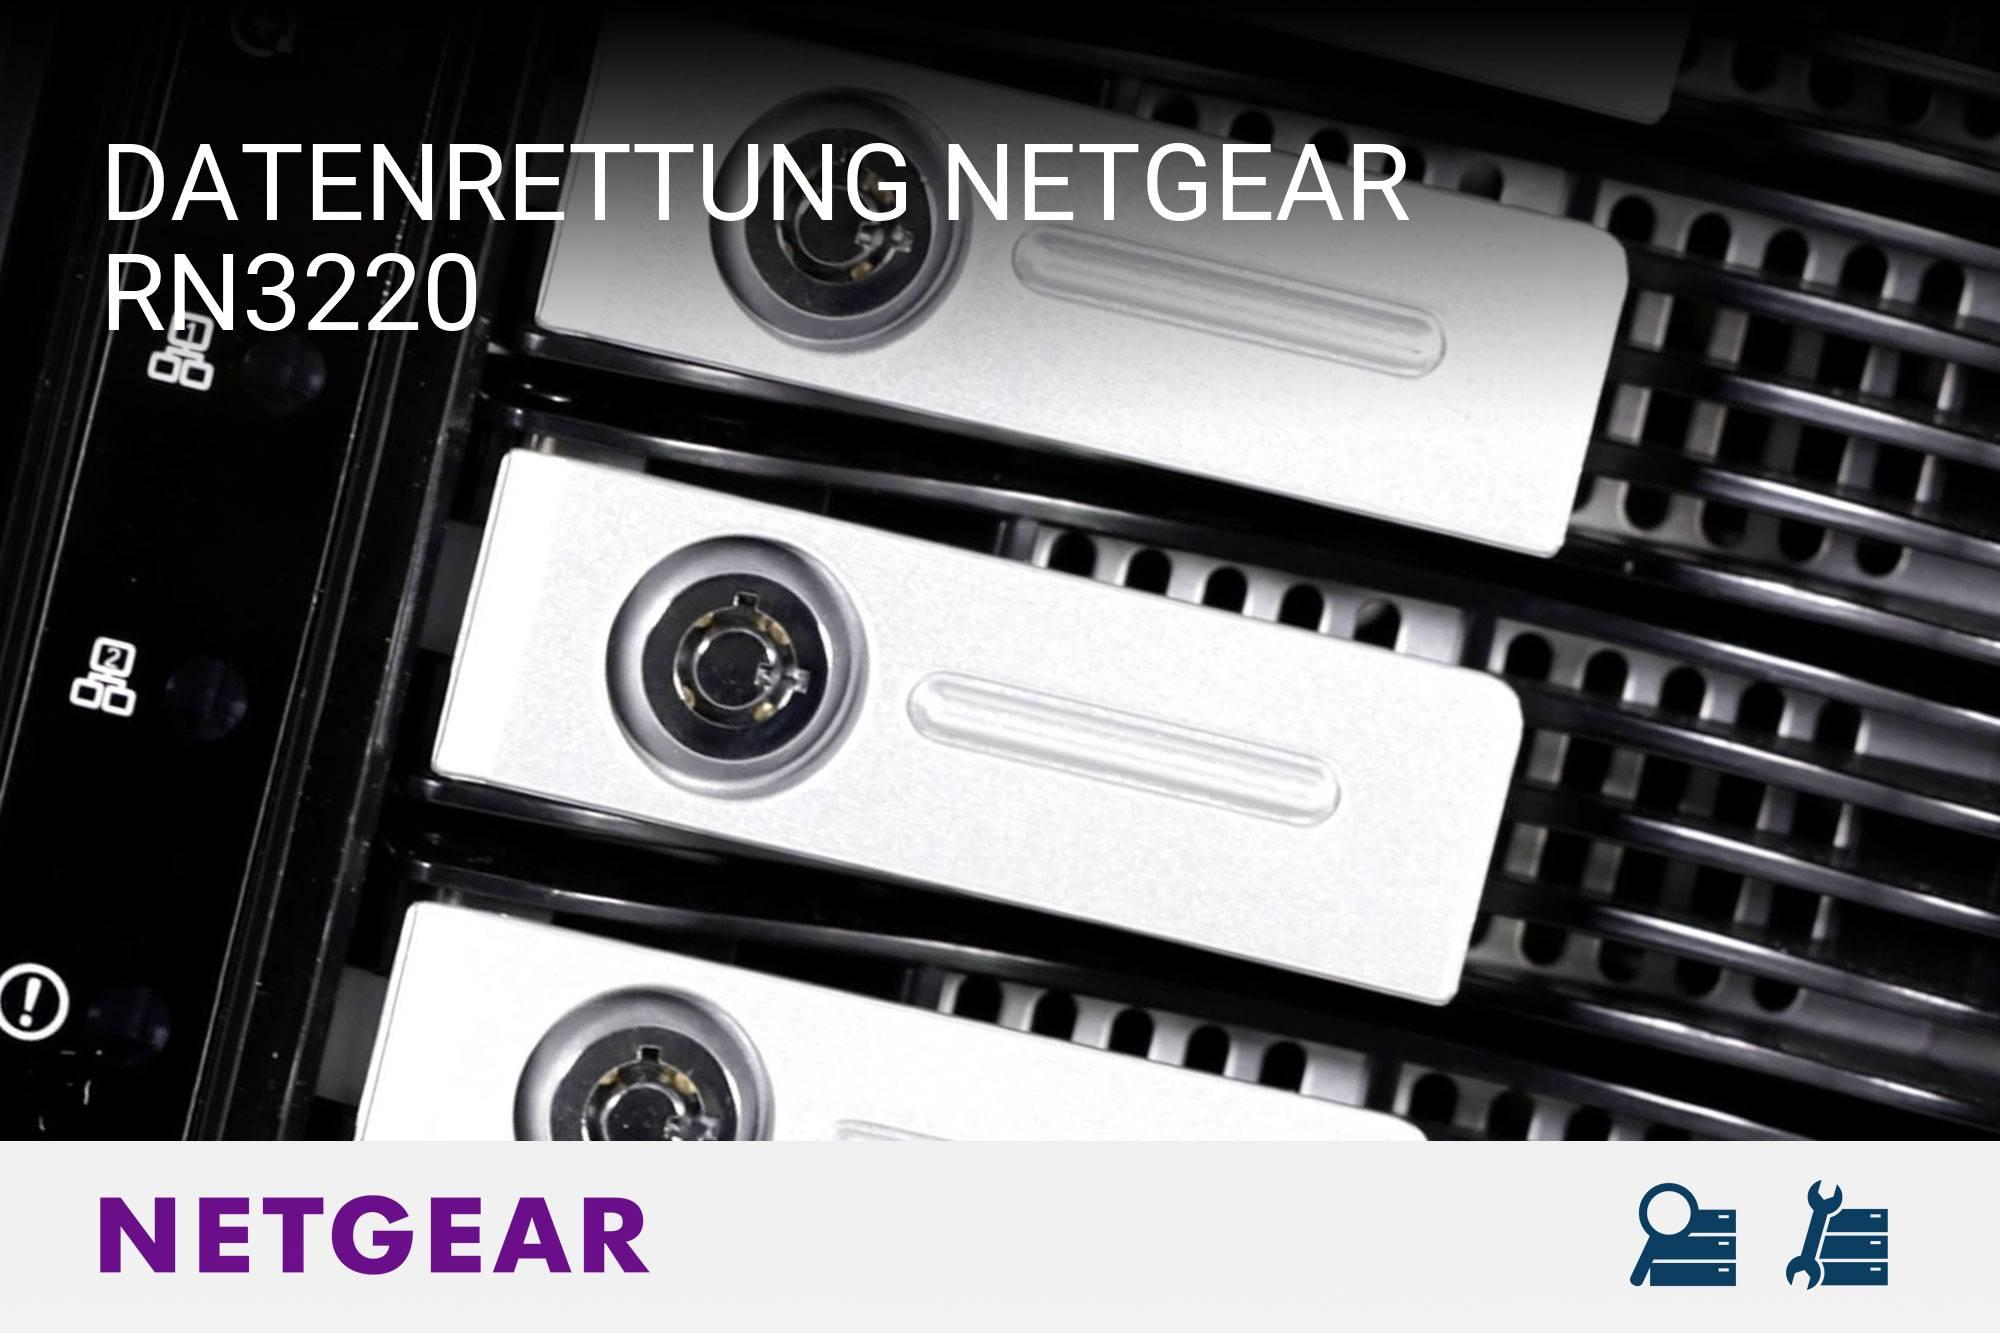 Netgear RN3220